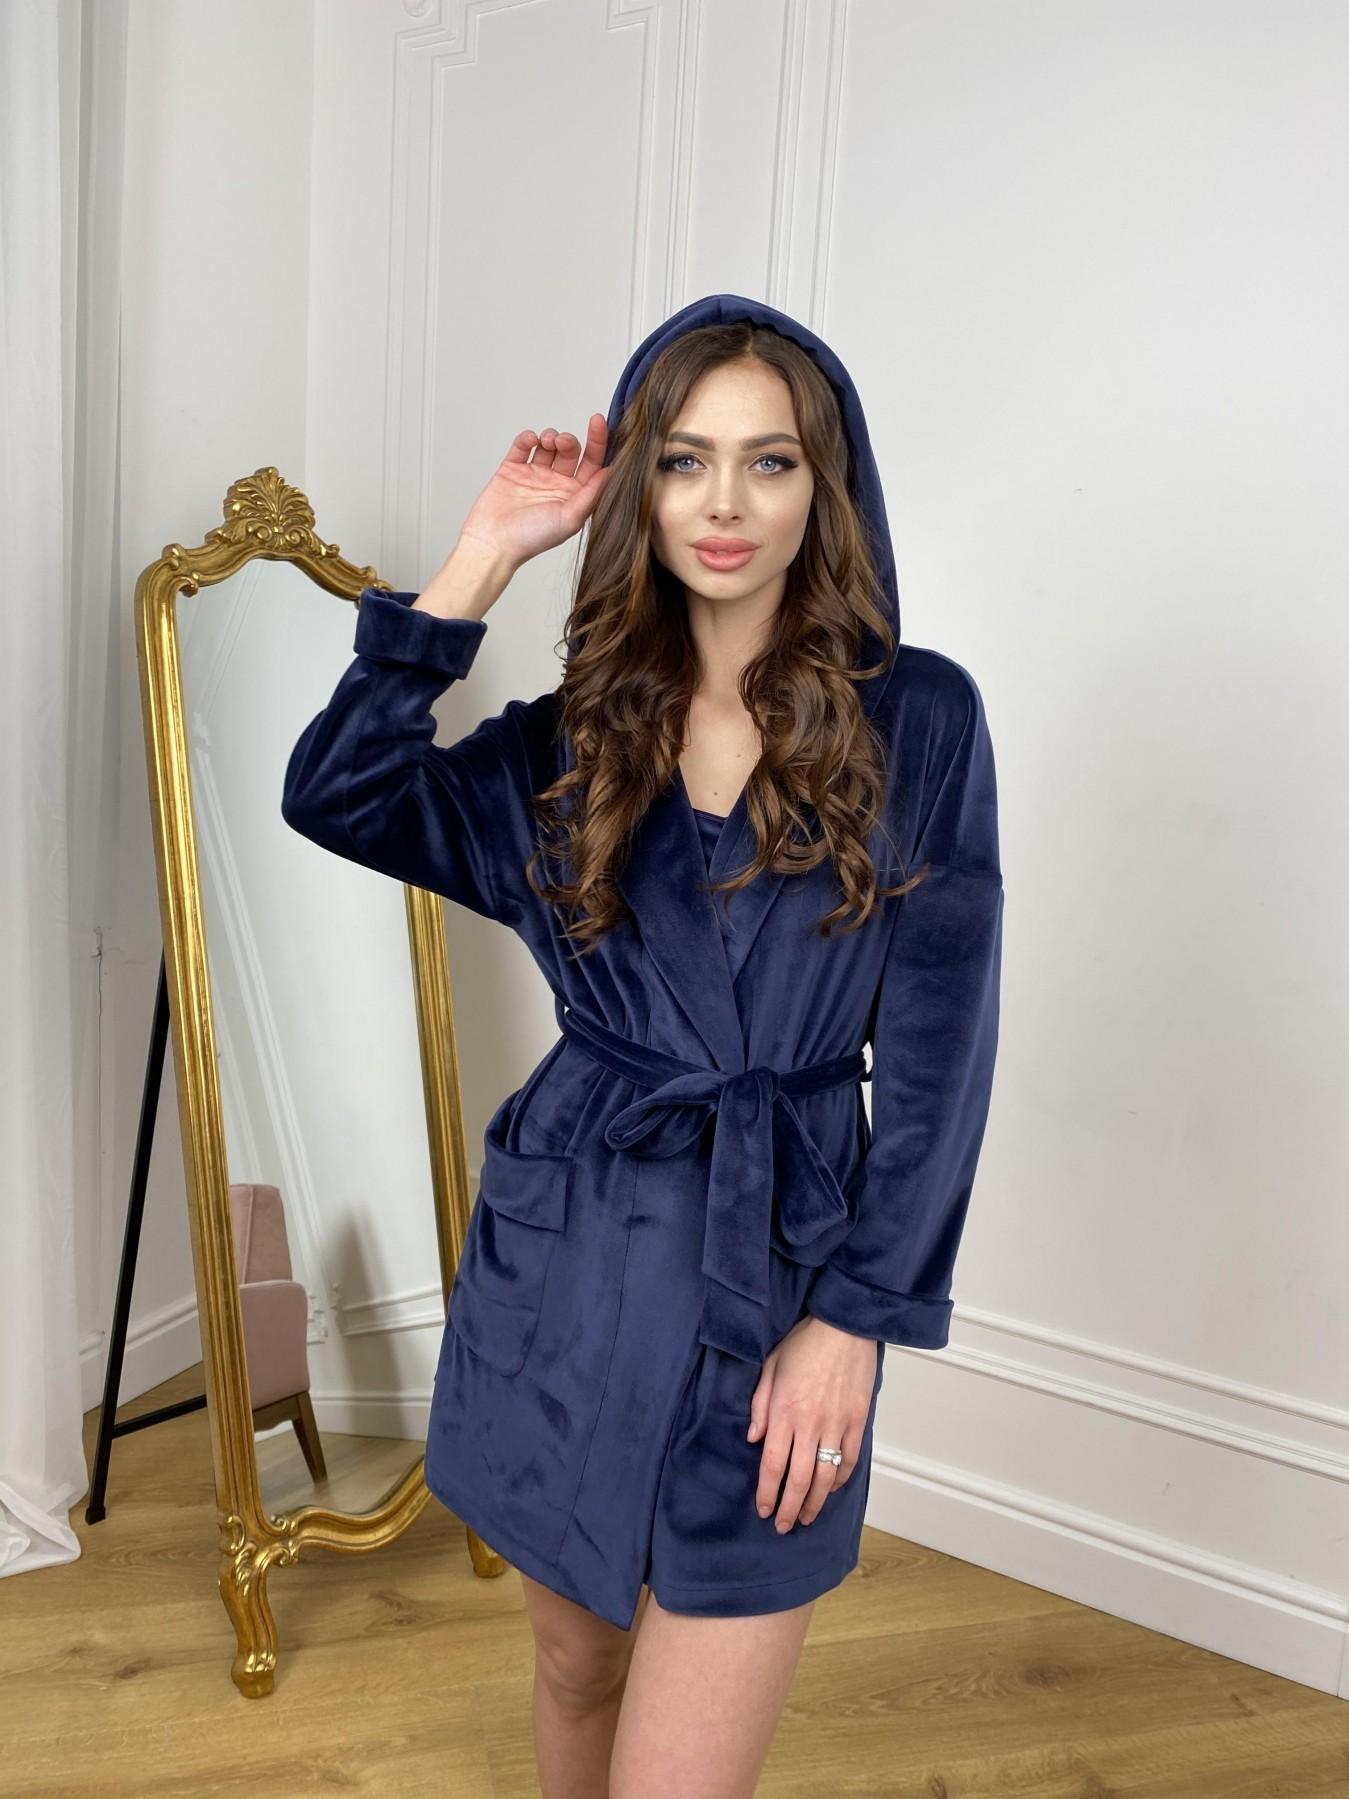 Фабьен мини халат из велюровой ткани 10516 АРТ. 46864 Цвет: т. синий - фото 9, интернет магазин tm-modus.ru